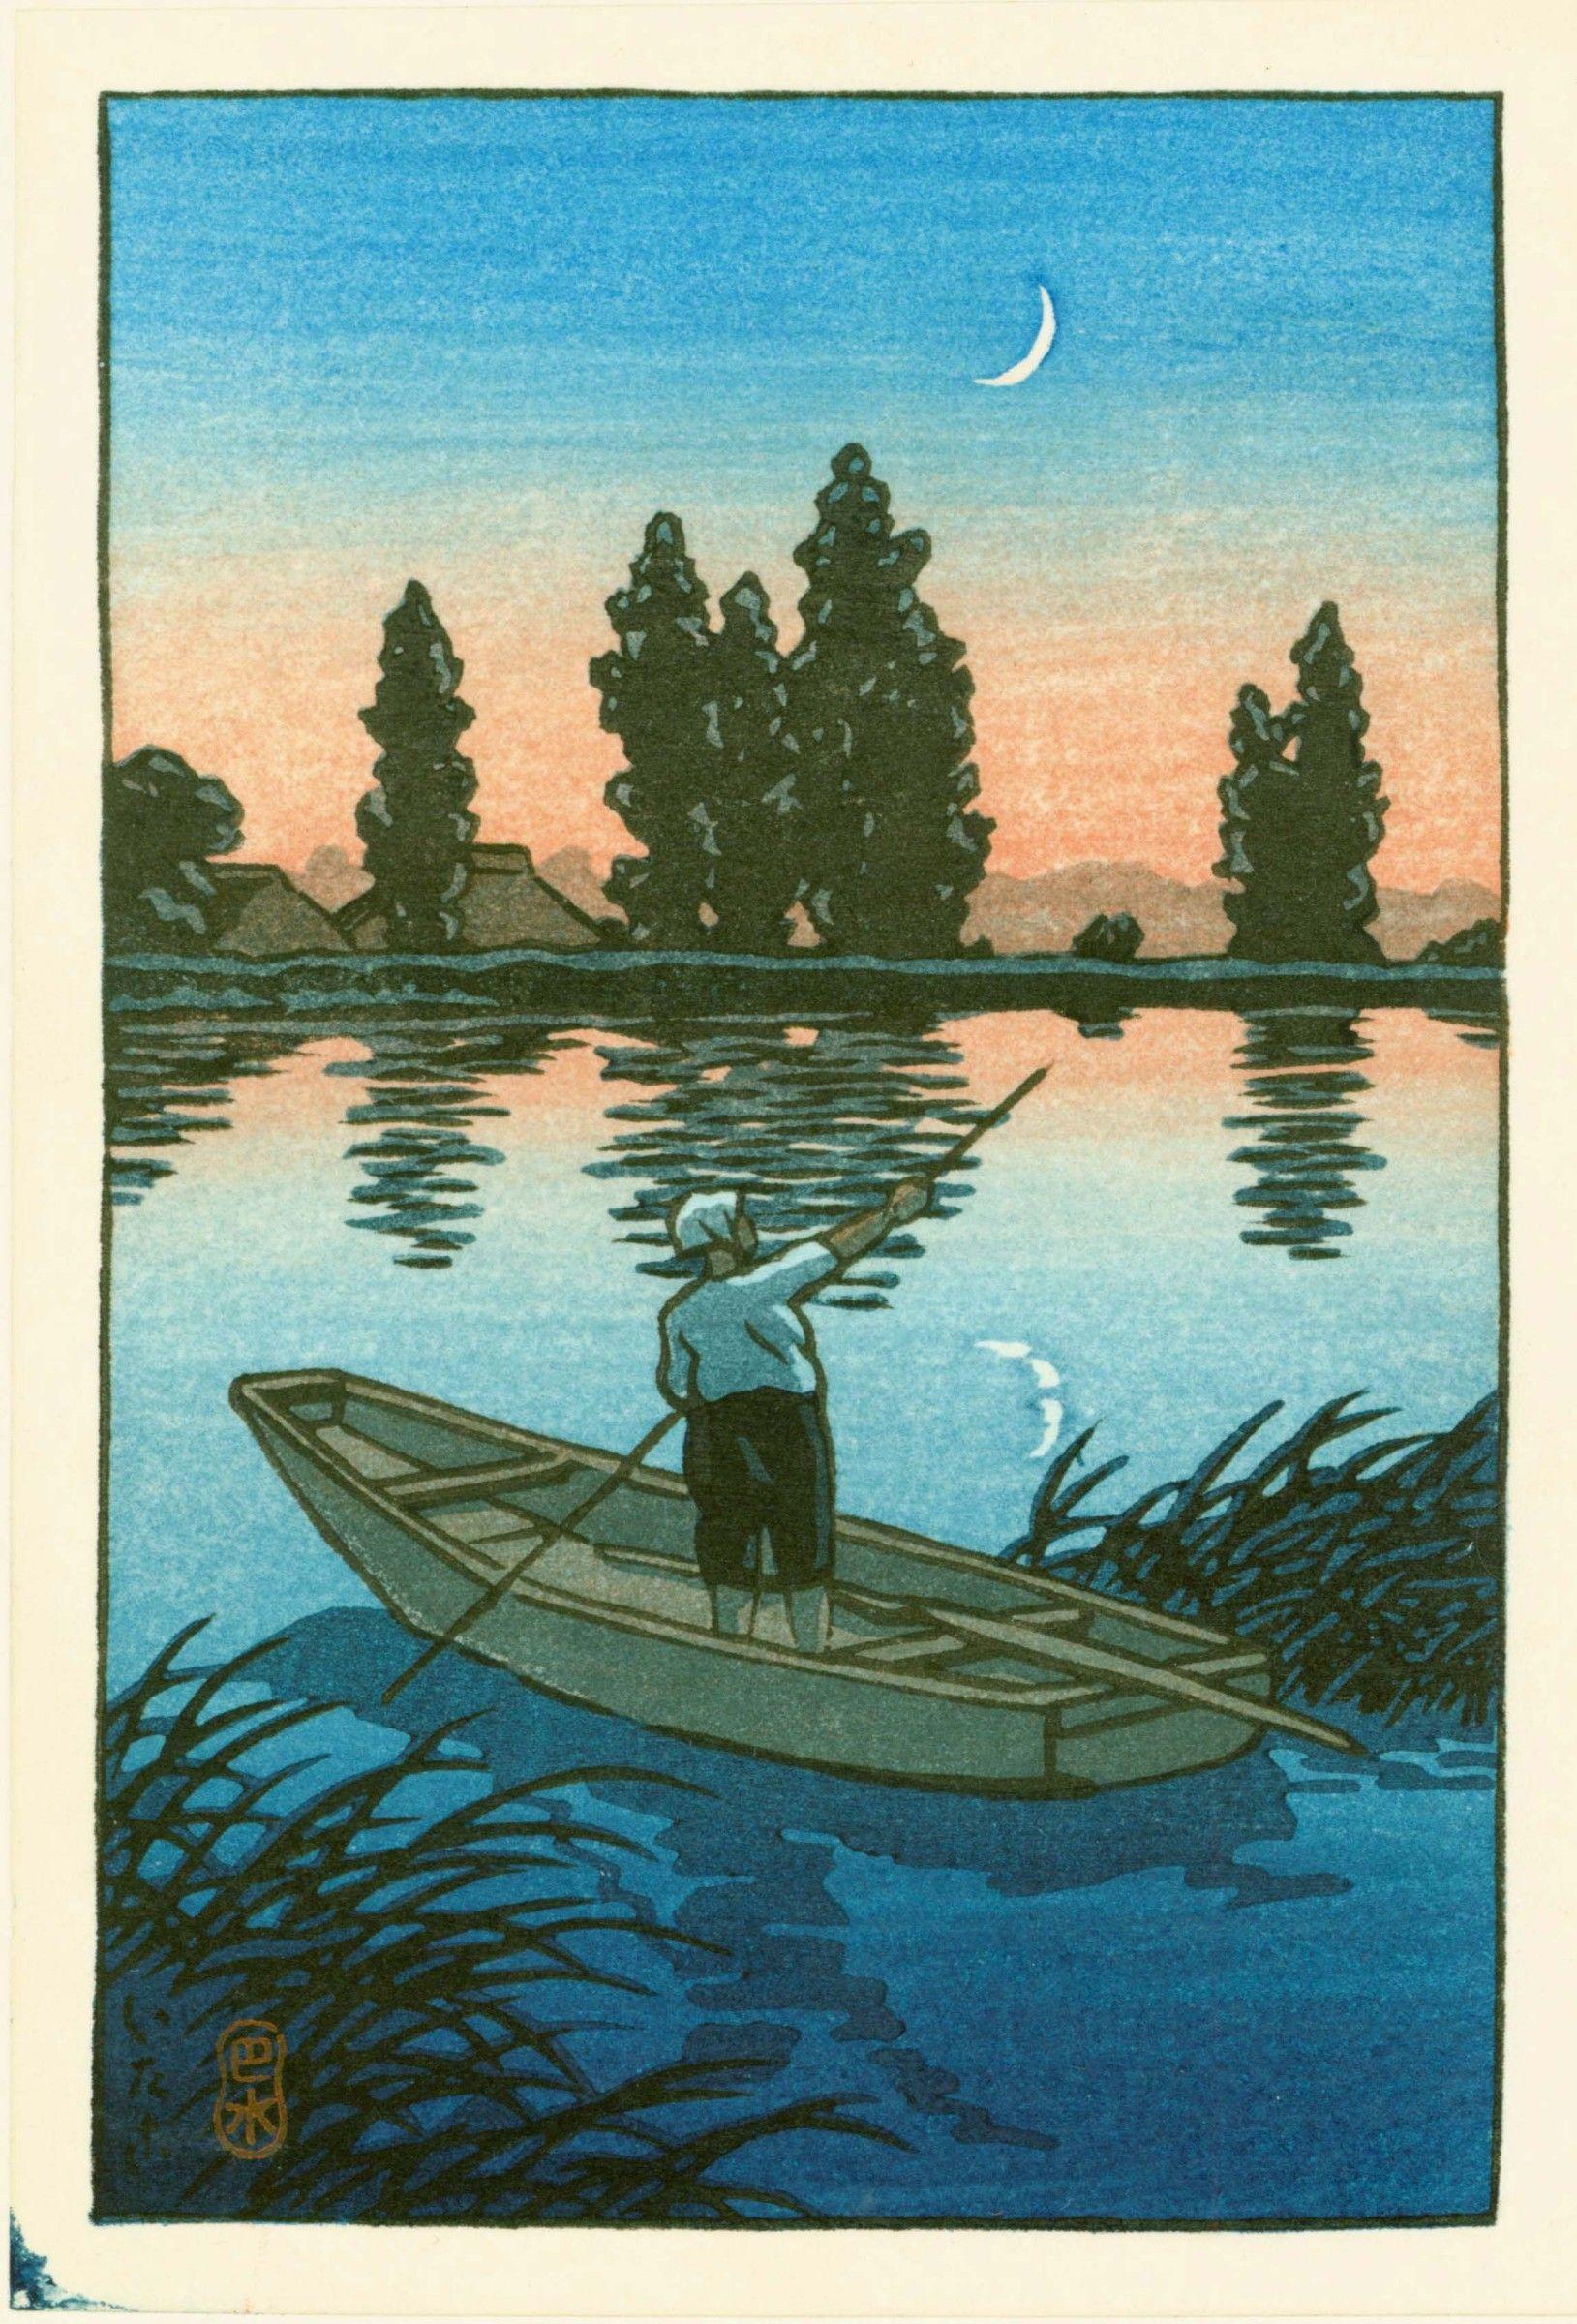 Kawase Hasui Japanese Woodblock Print - Fisherman at Sunset